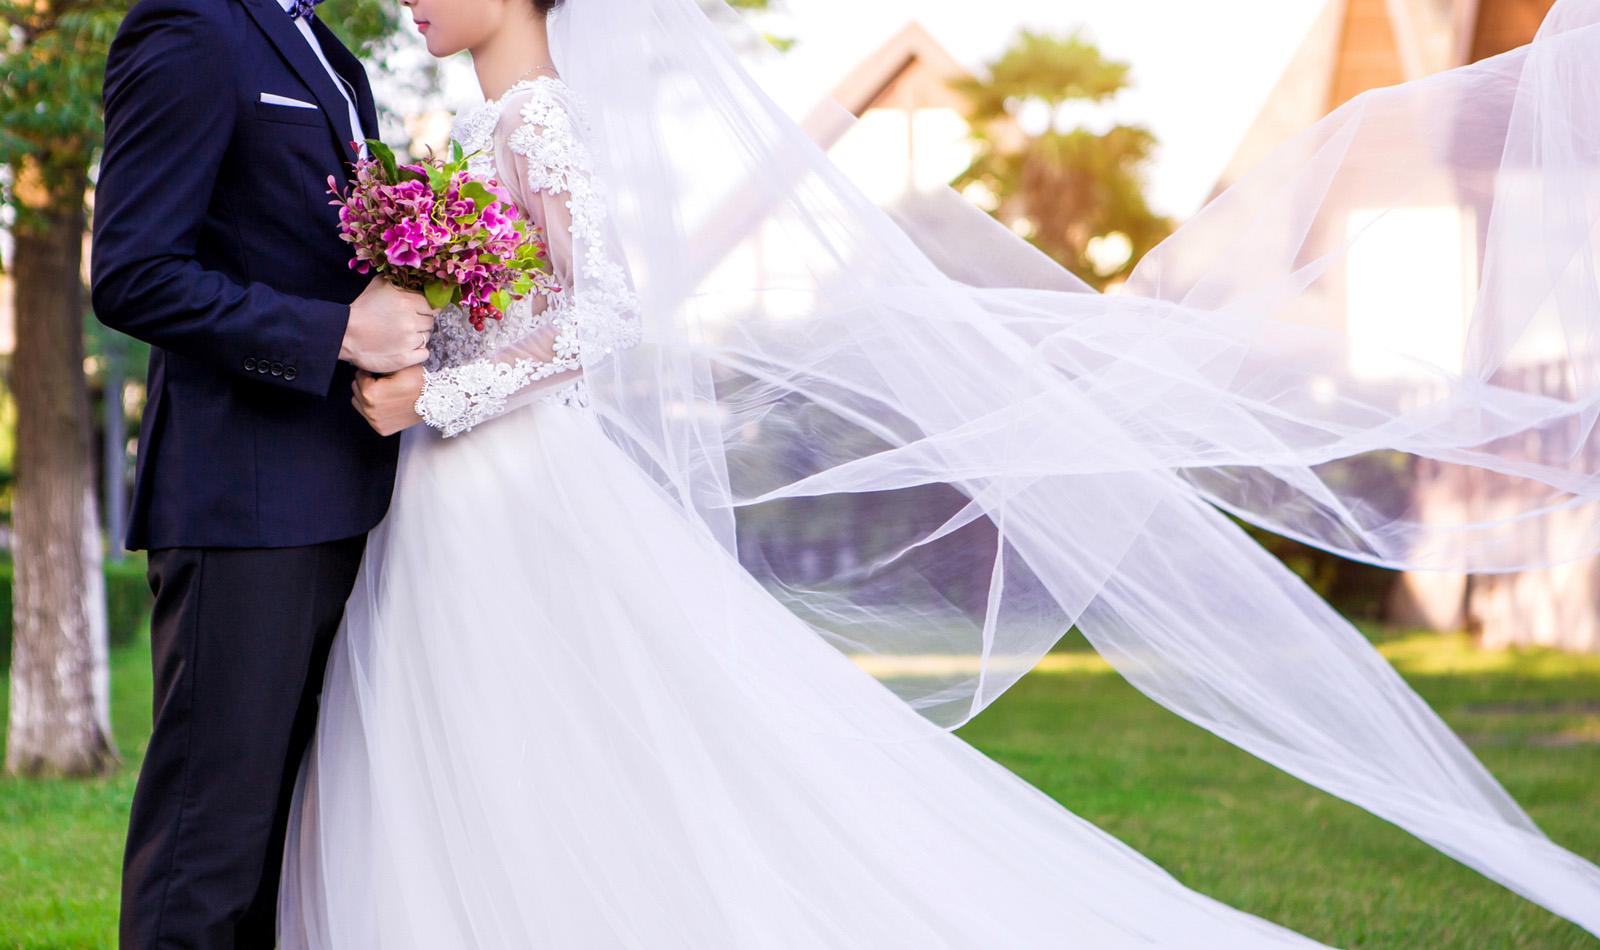 Lựa chọn ngày tốt tiến hành việc cưới xin